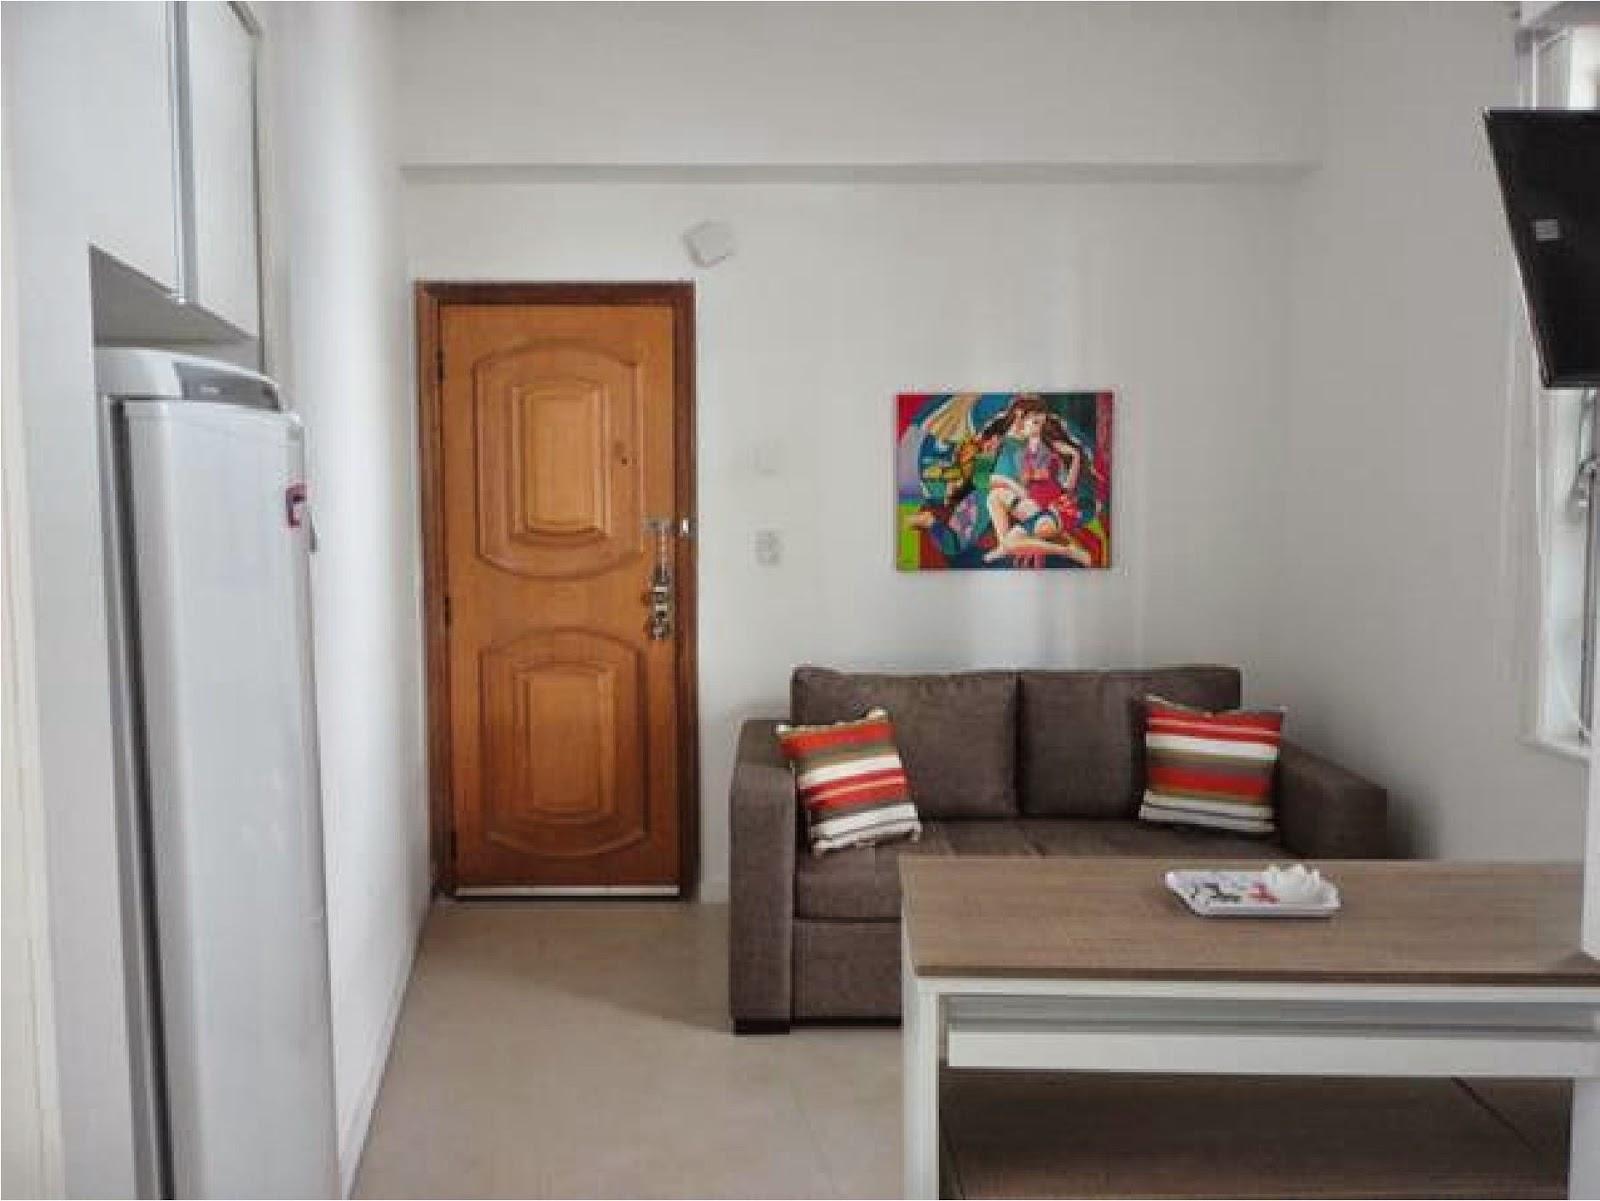 ARQUITETA MARIA HELENA TORRES: REFORMA DE LOFT EM COPACABANA SALA E  #91603A 1600x1201 Banheiro Acoplado Closet